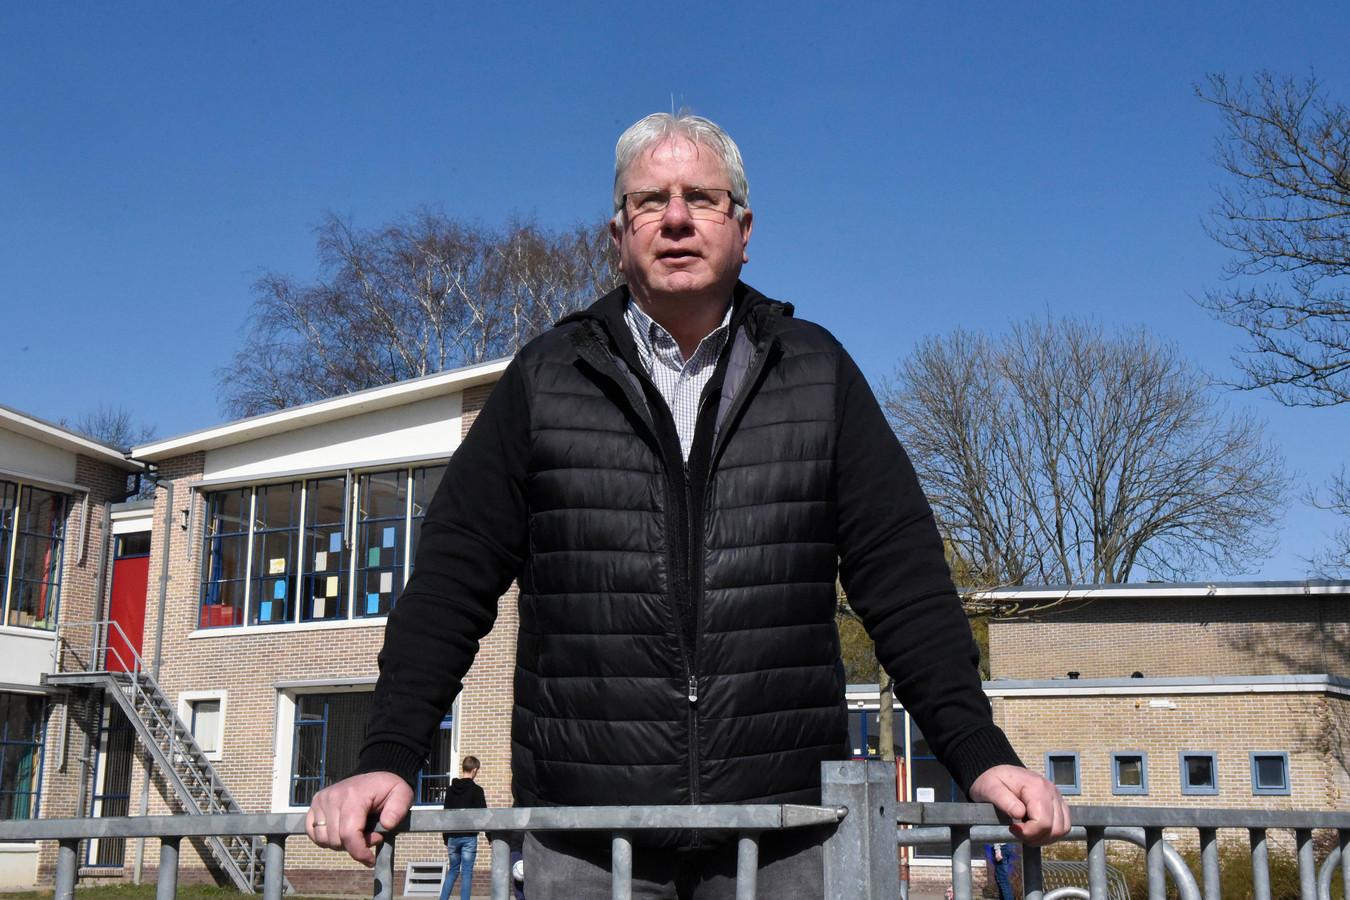 Meester Jan Verboom, van de Willem van Oranjeschool in Woerden, gaat met pensioen op 1 april.